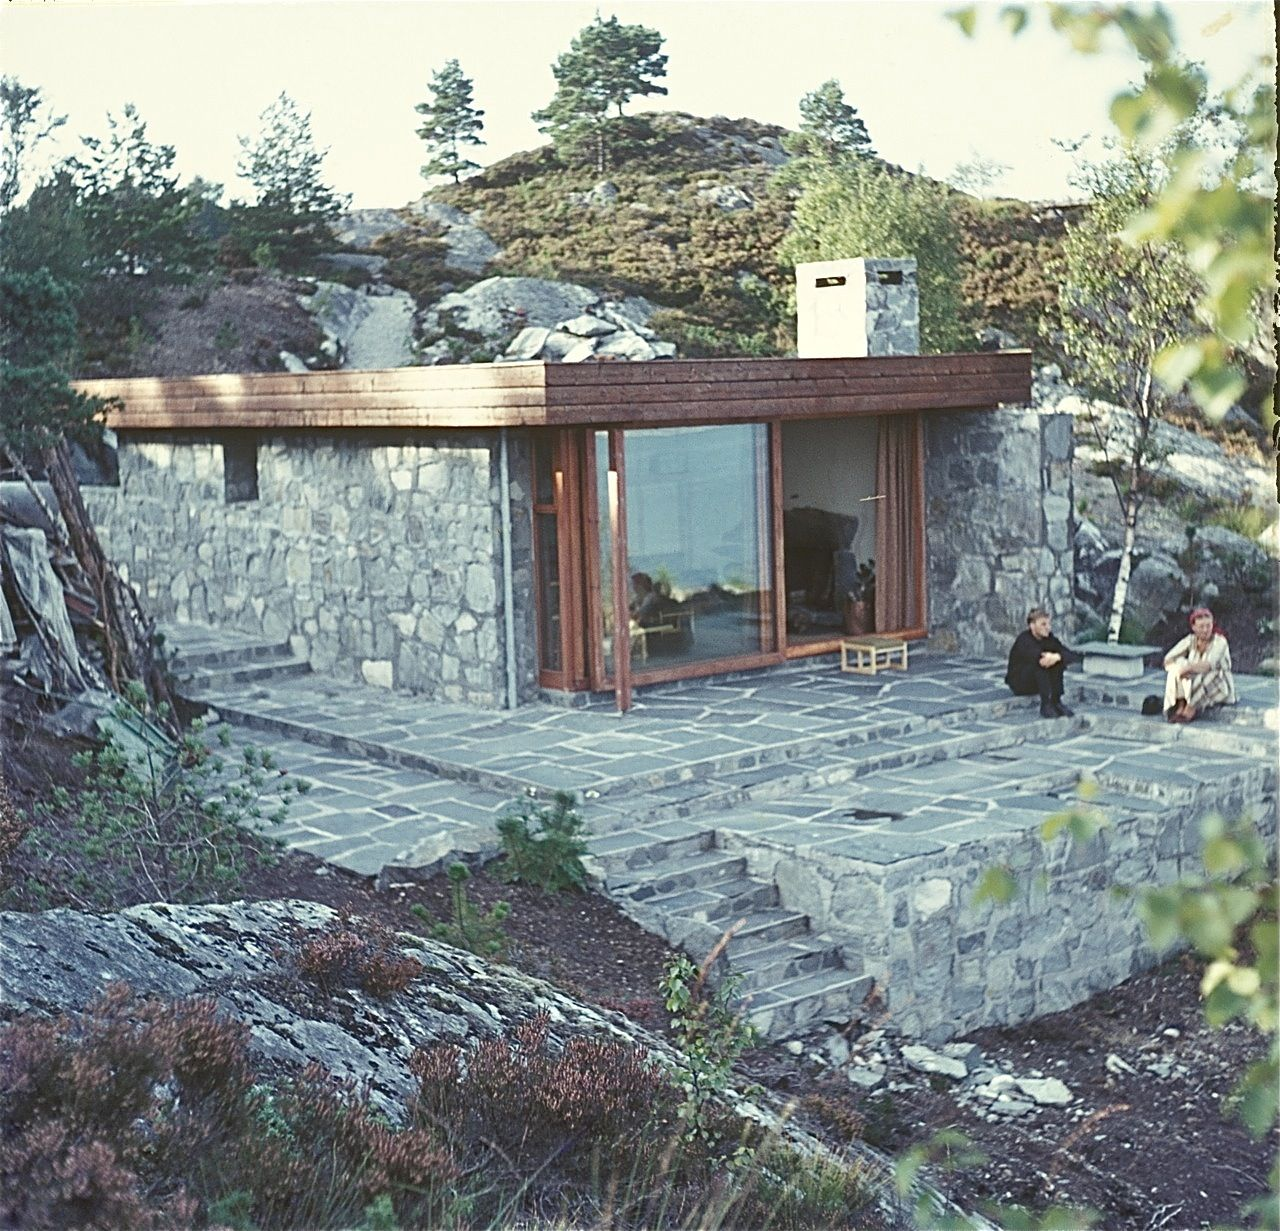 Minihus på Askøy - Helge Hjertholm